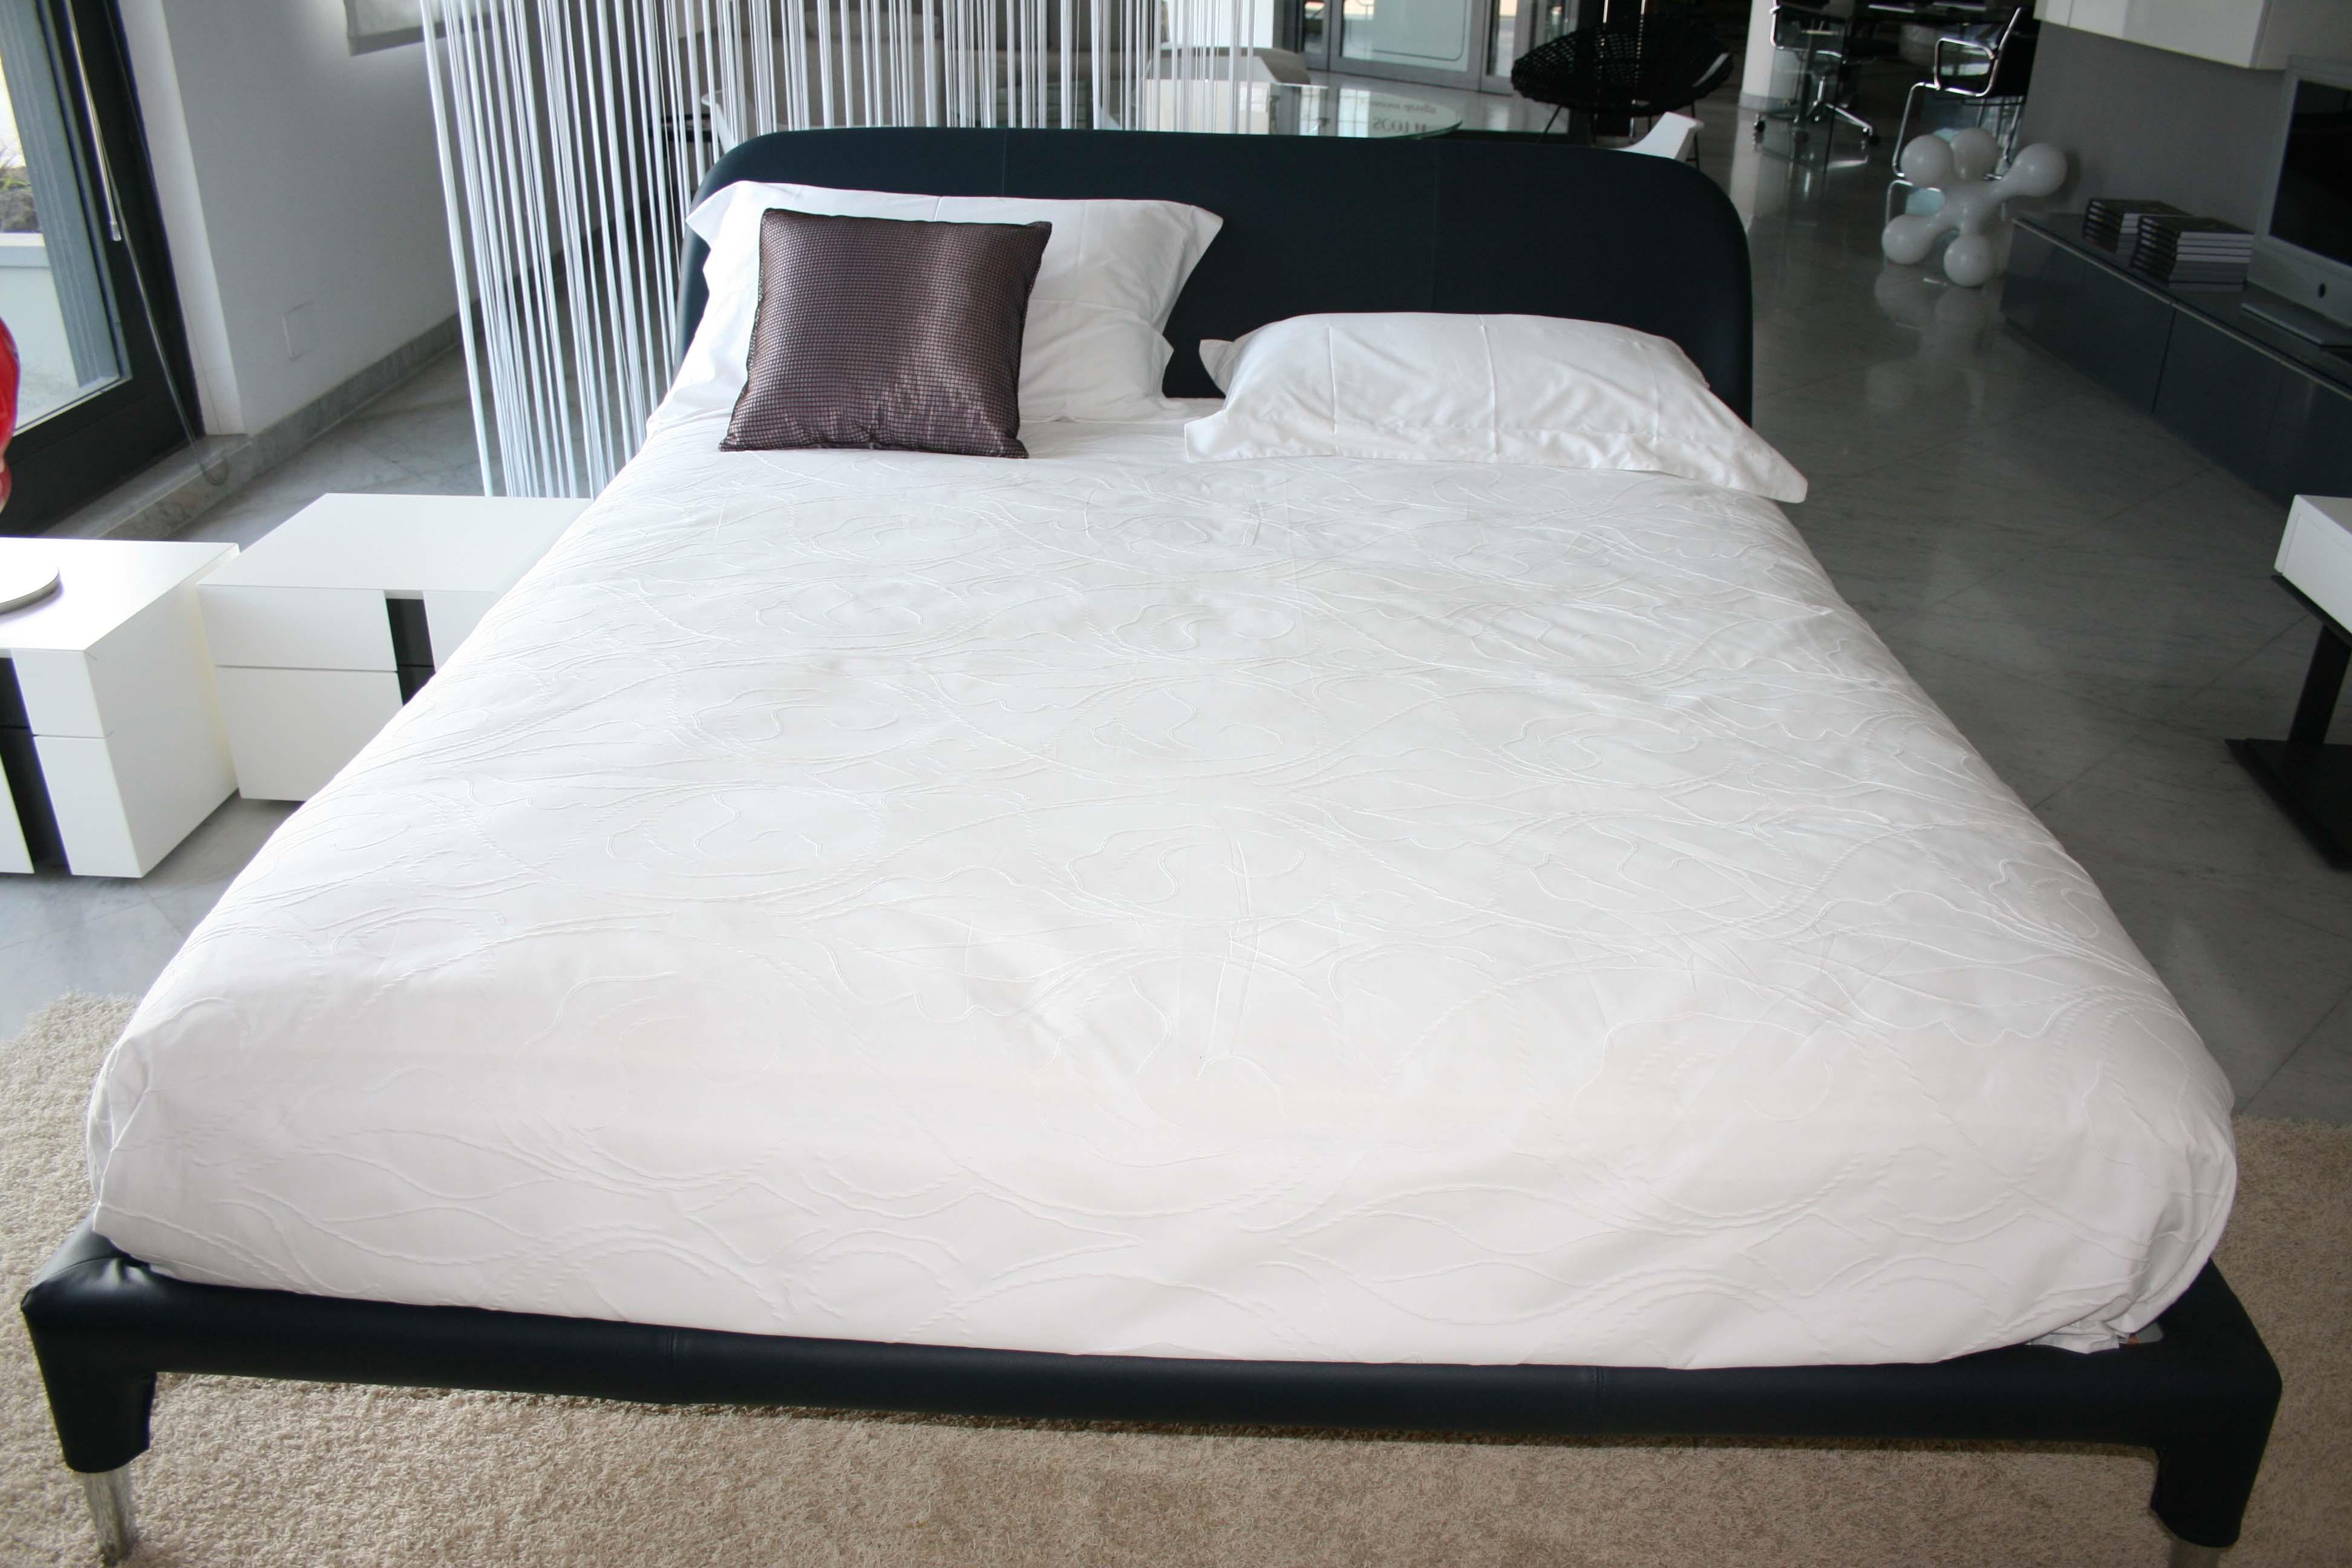 Prezzo letto nathalie flou flou doppio letto biss by flou for Outlet letti flou